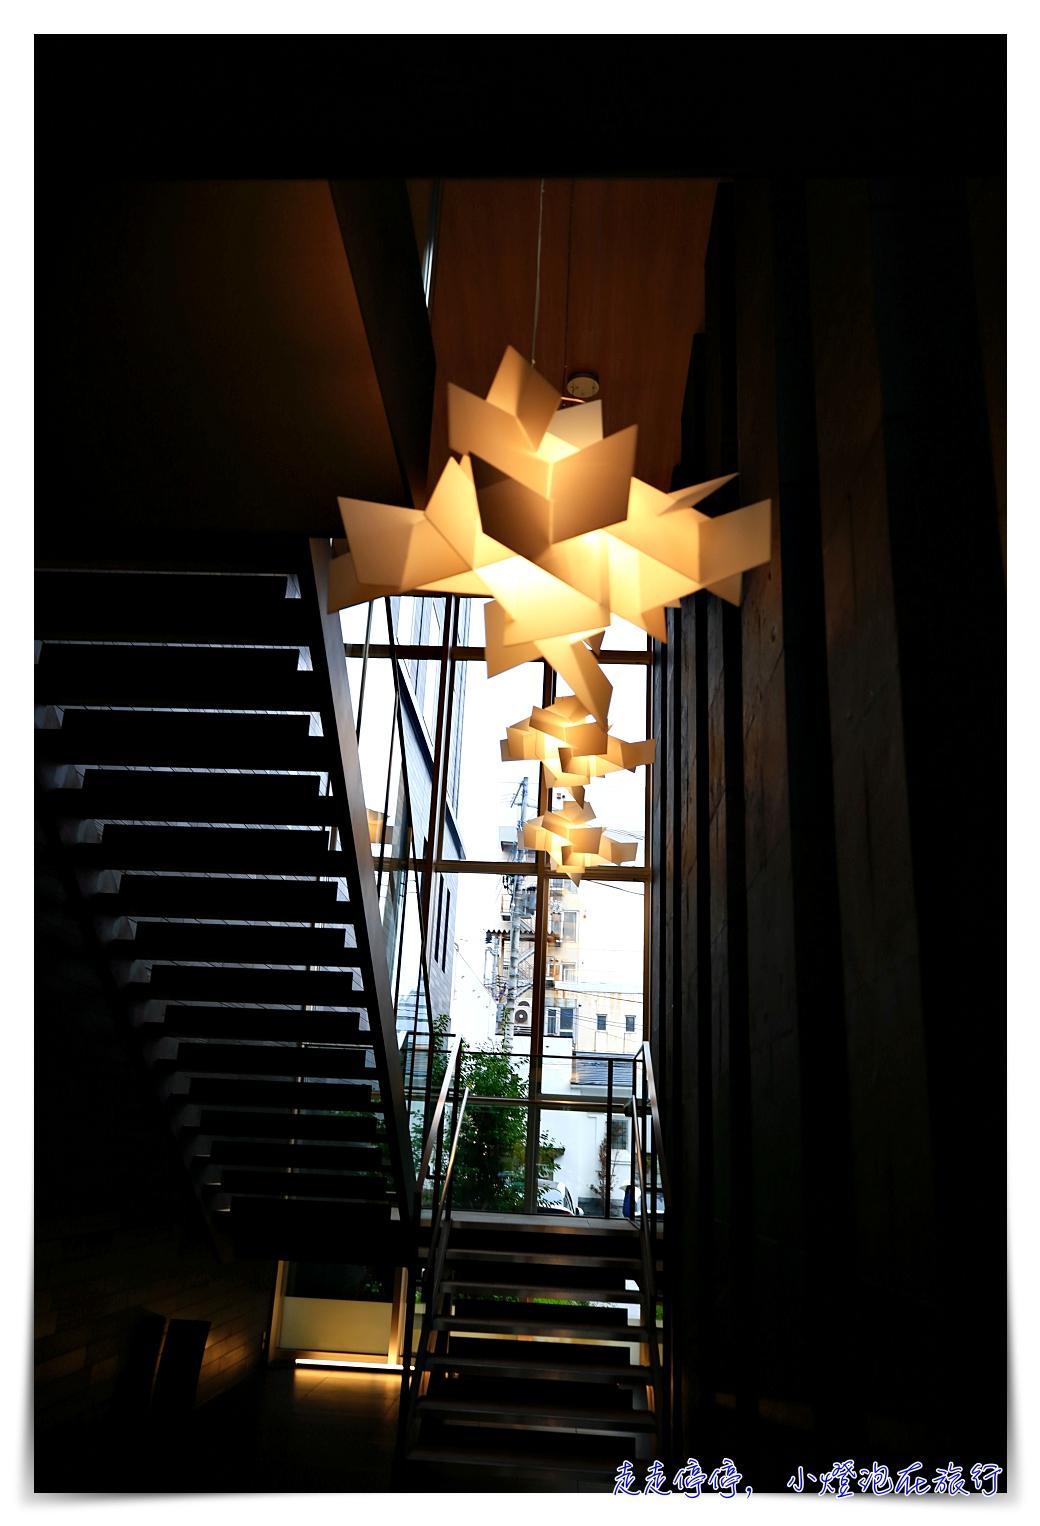 青森住宿推薦|青森大和ROYNET飯店 (Daiwa Roynet Hotel Aomori),品質絕佳、質感好、浴室寬敞、交通方便